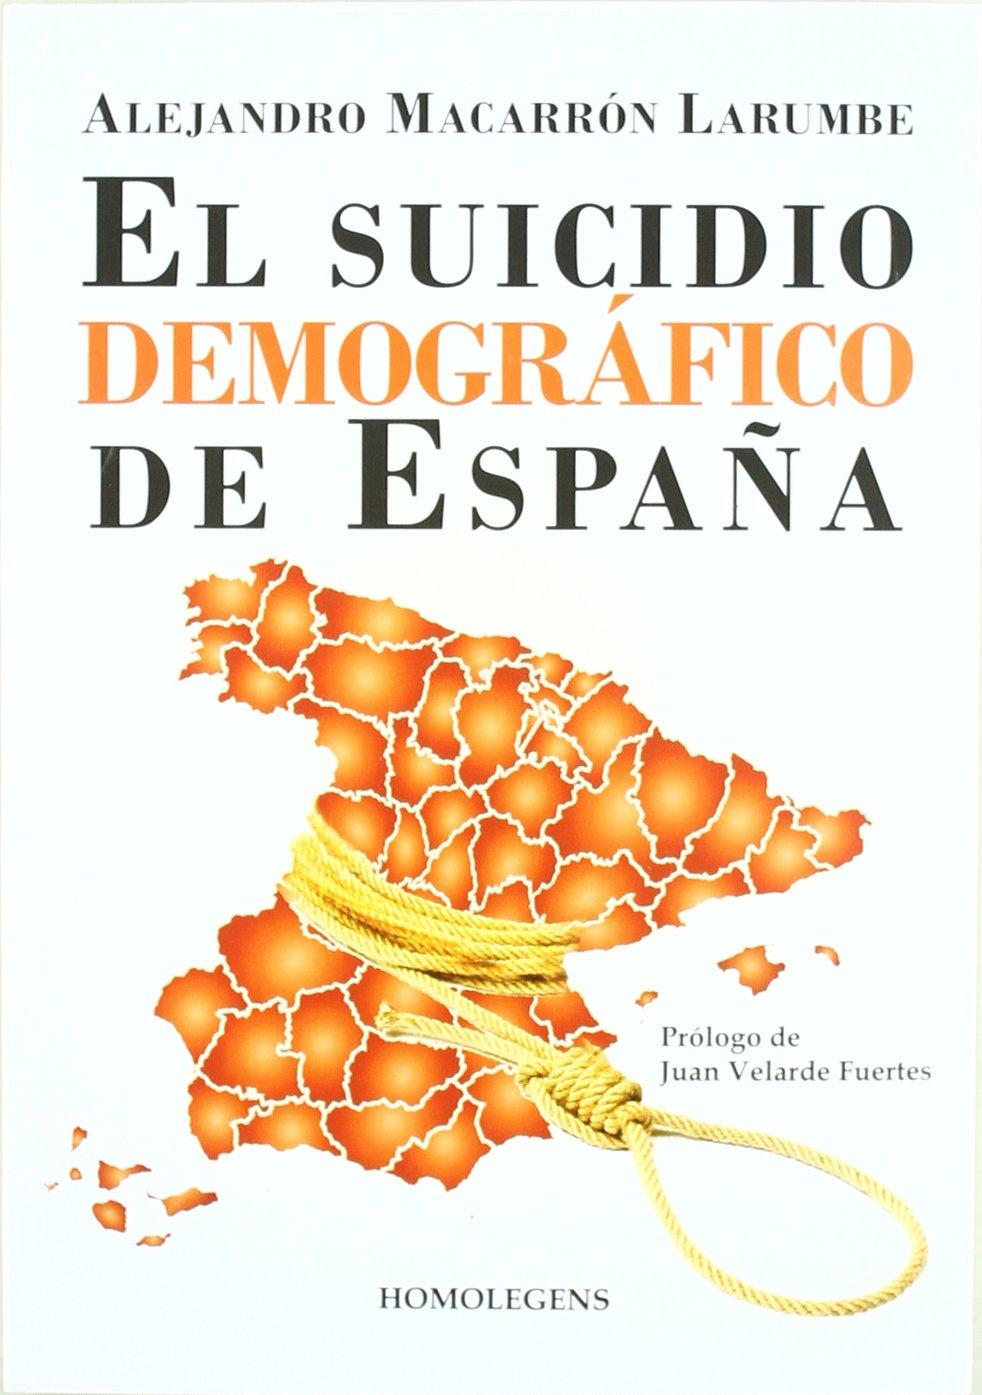 Suicidio Demografico De España, El: Amazon.es: Macarron Larumbe ...